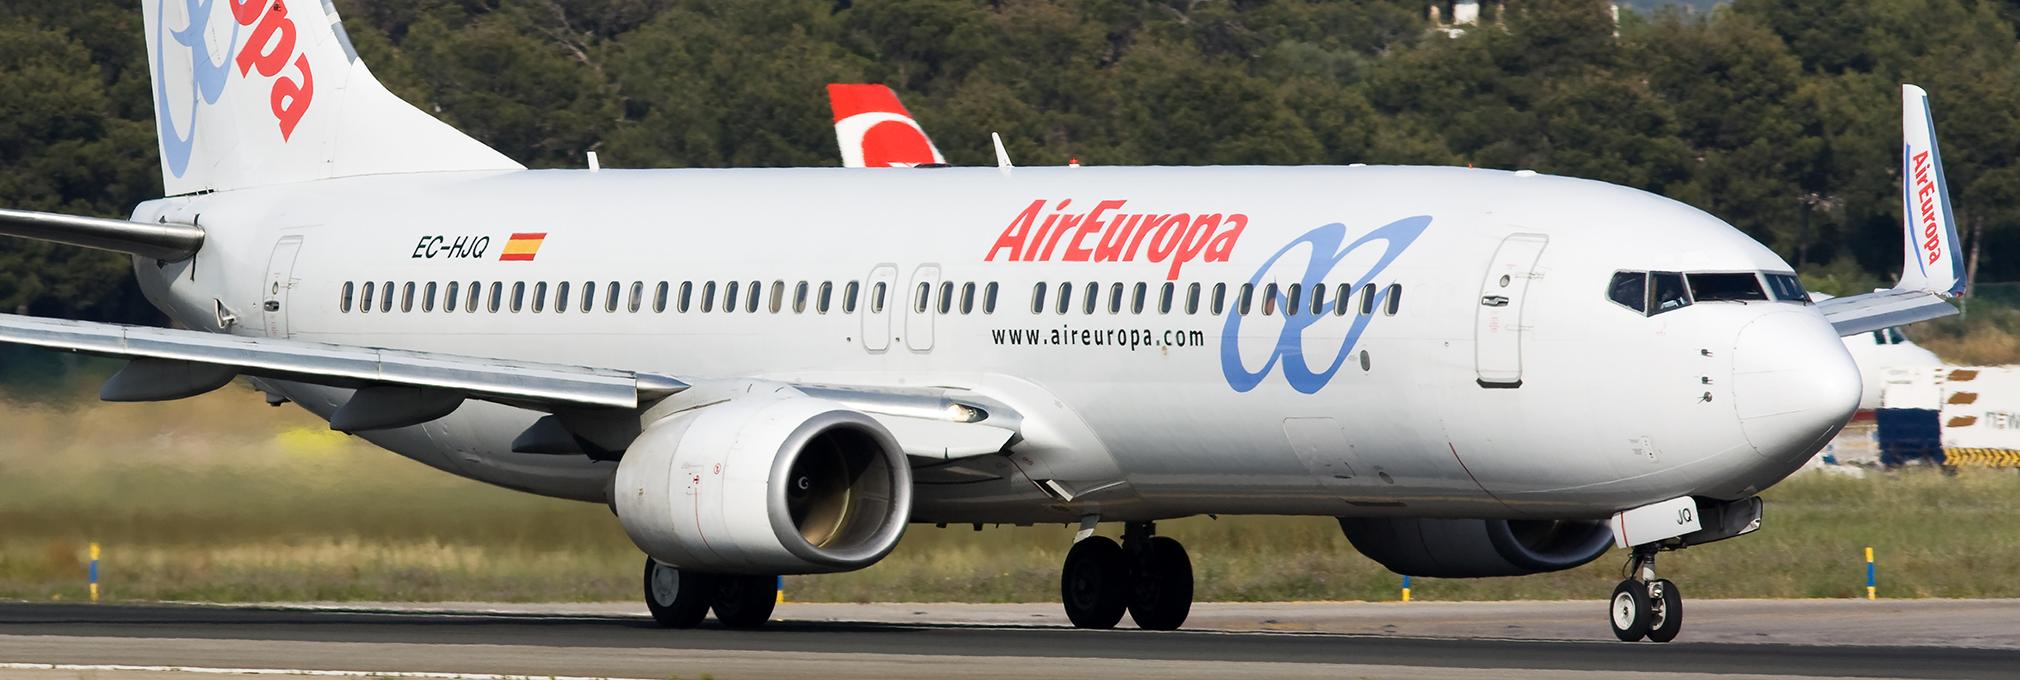 Calificaciones y vuelos de air europa tripadvisor - Oficinas de air europa ...